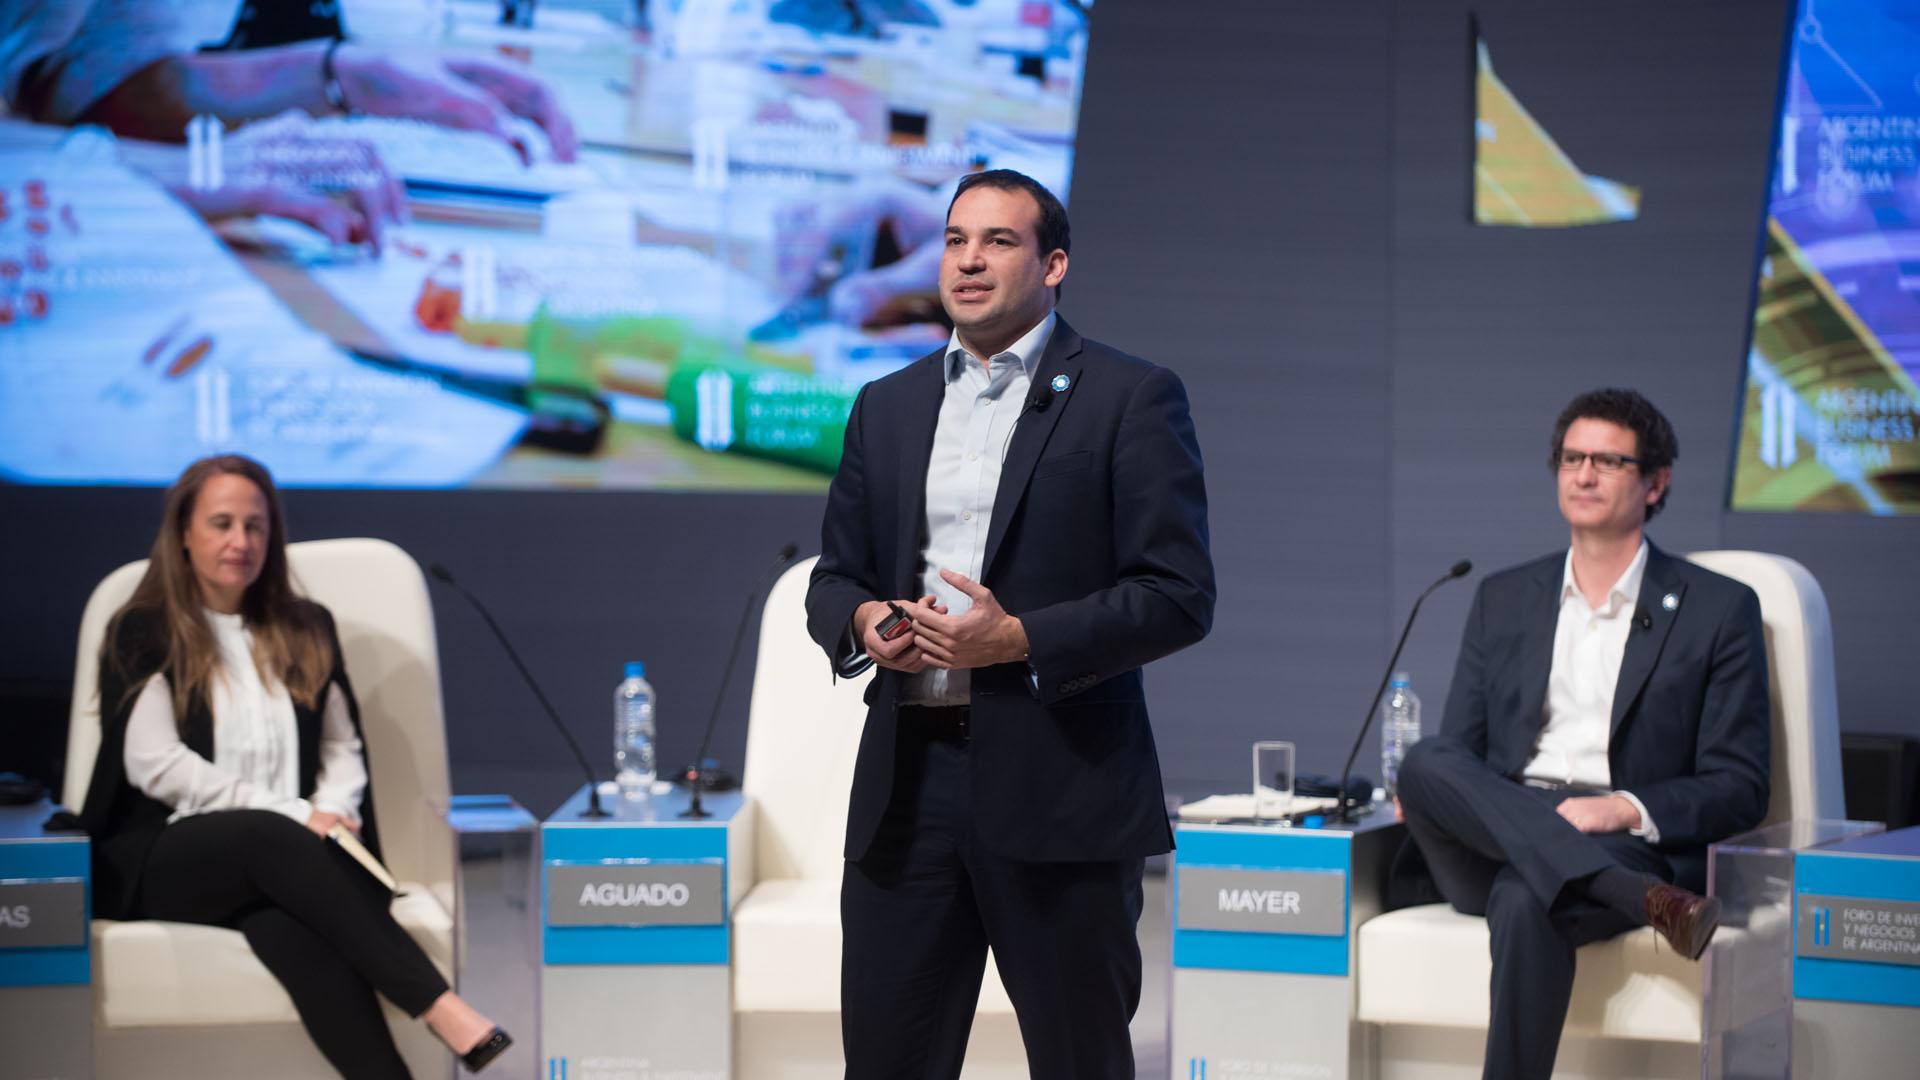 Jorge Aguado, Subsecretario de Políticas en Ciencia , Tecnología e Innovación Productiva